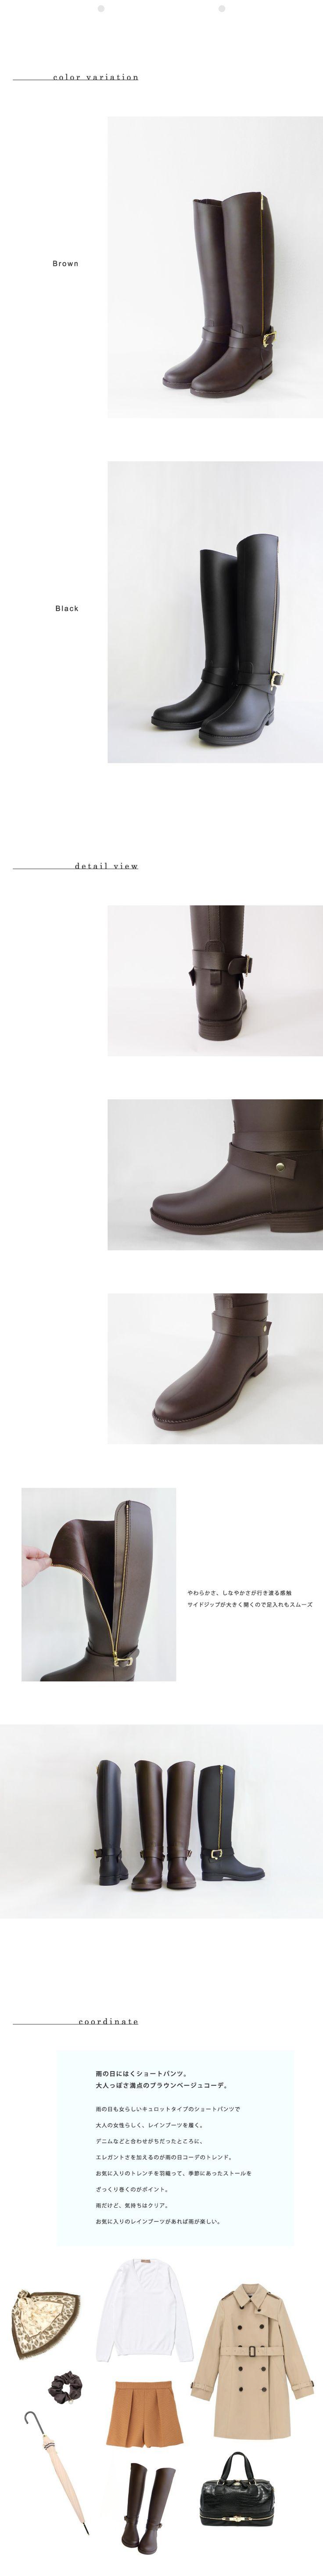 【楽天市場】『Pompadour-ポンパドール-』Side Zip Rain Boot-サイドジップレインブーツ-[長靴 ファスナー ロングラバーブーツ レインシューズ ベルト ジョッキー 斜めカット 美脚]:LaG OnlineStore 楽天市場店